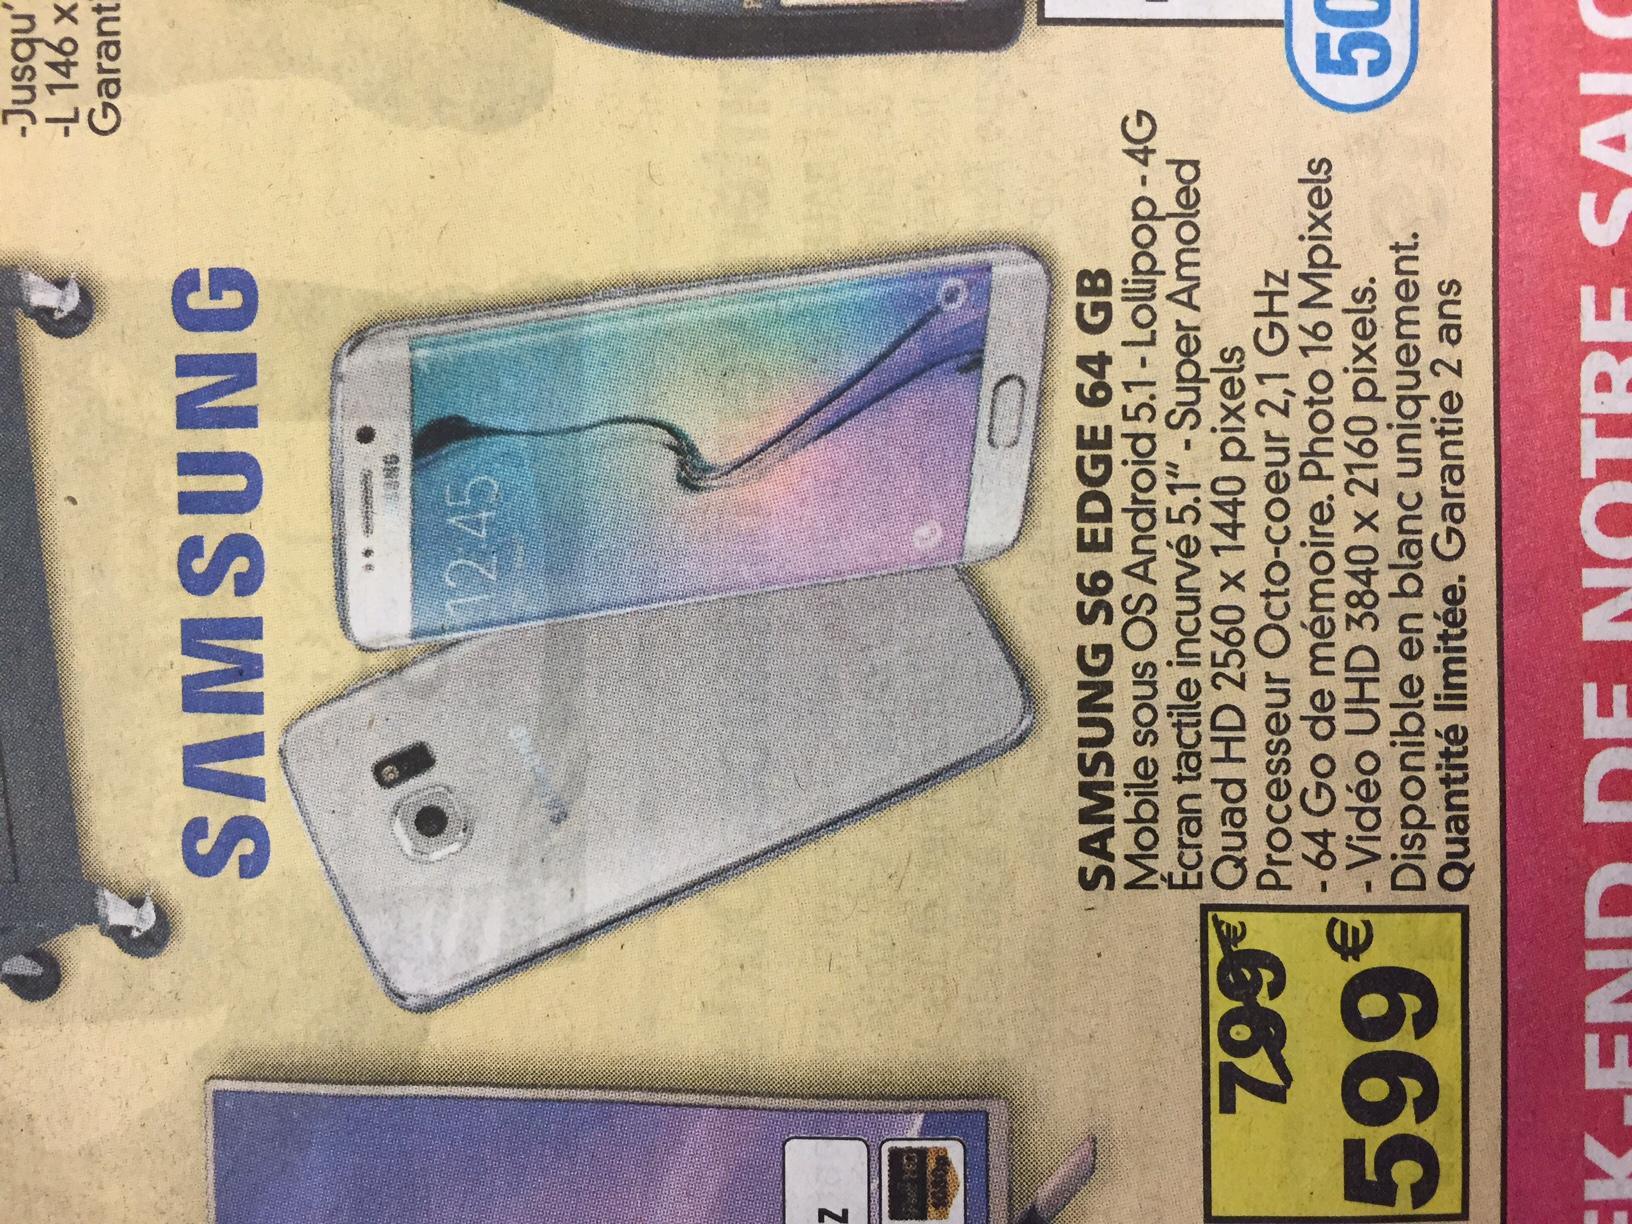 Samsung Galaxy S6 Edge - 64GB